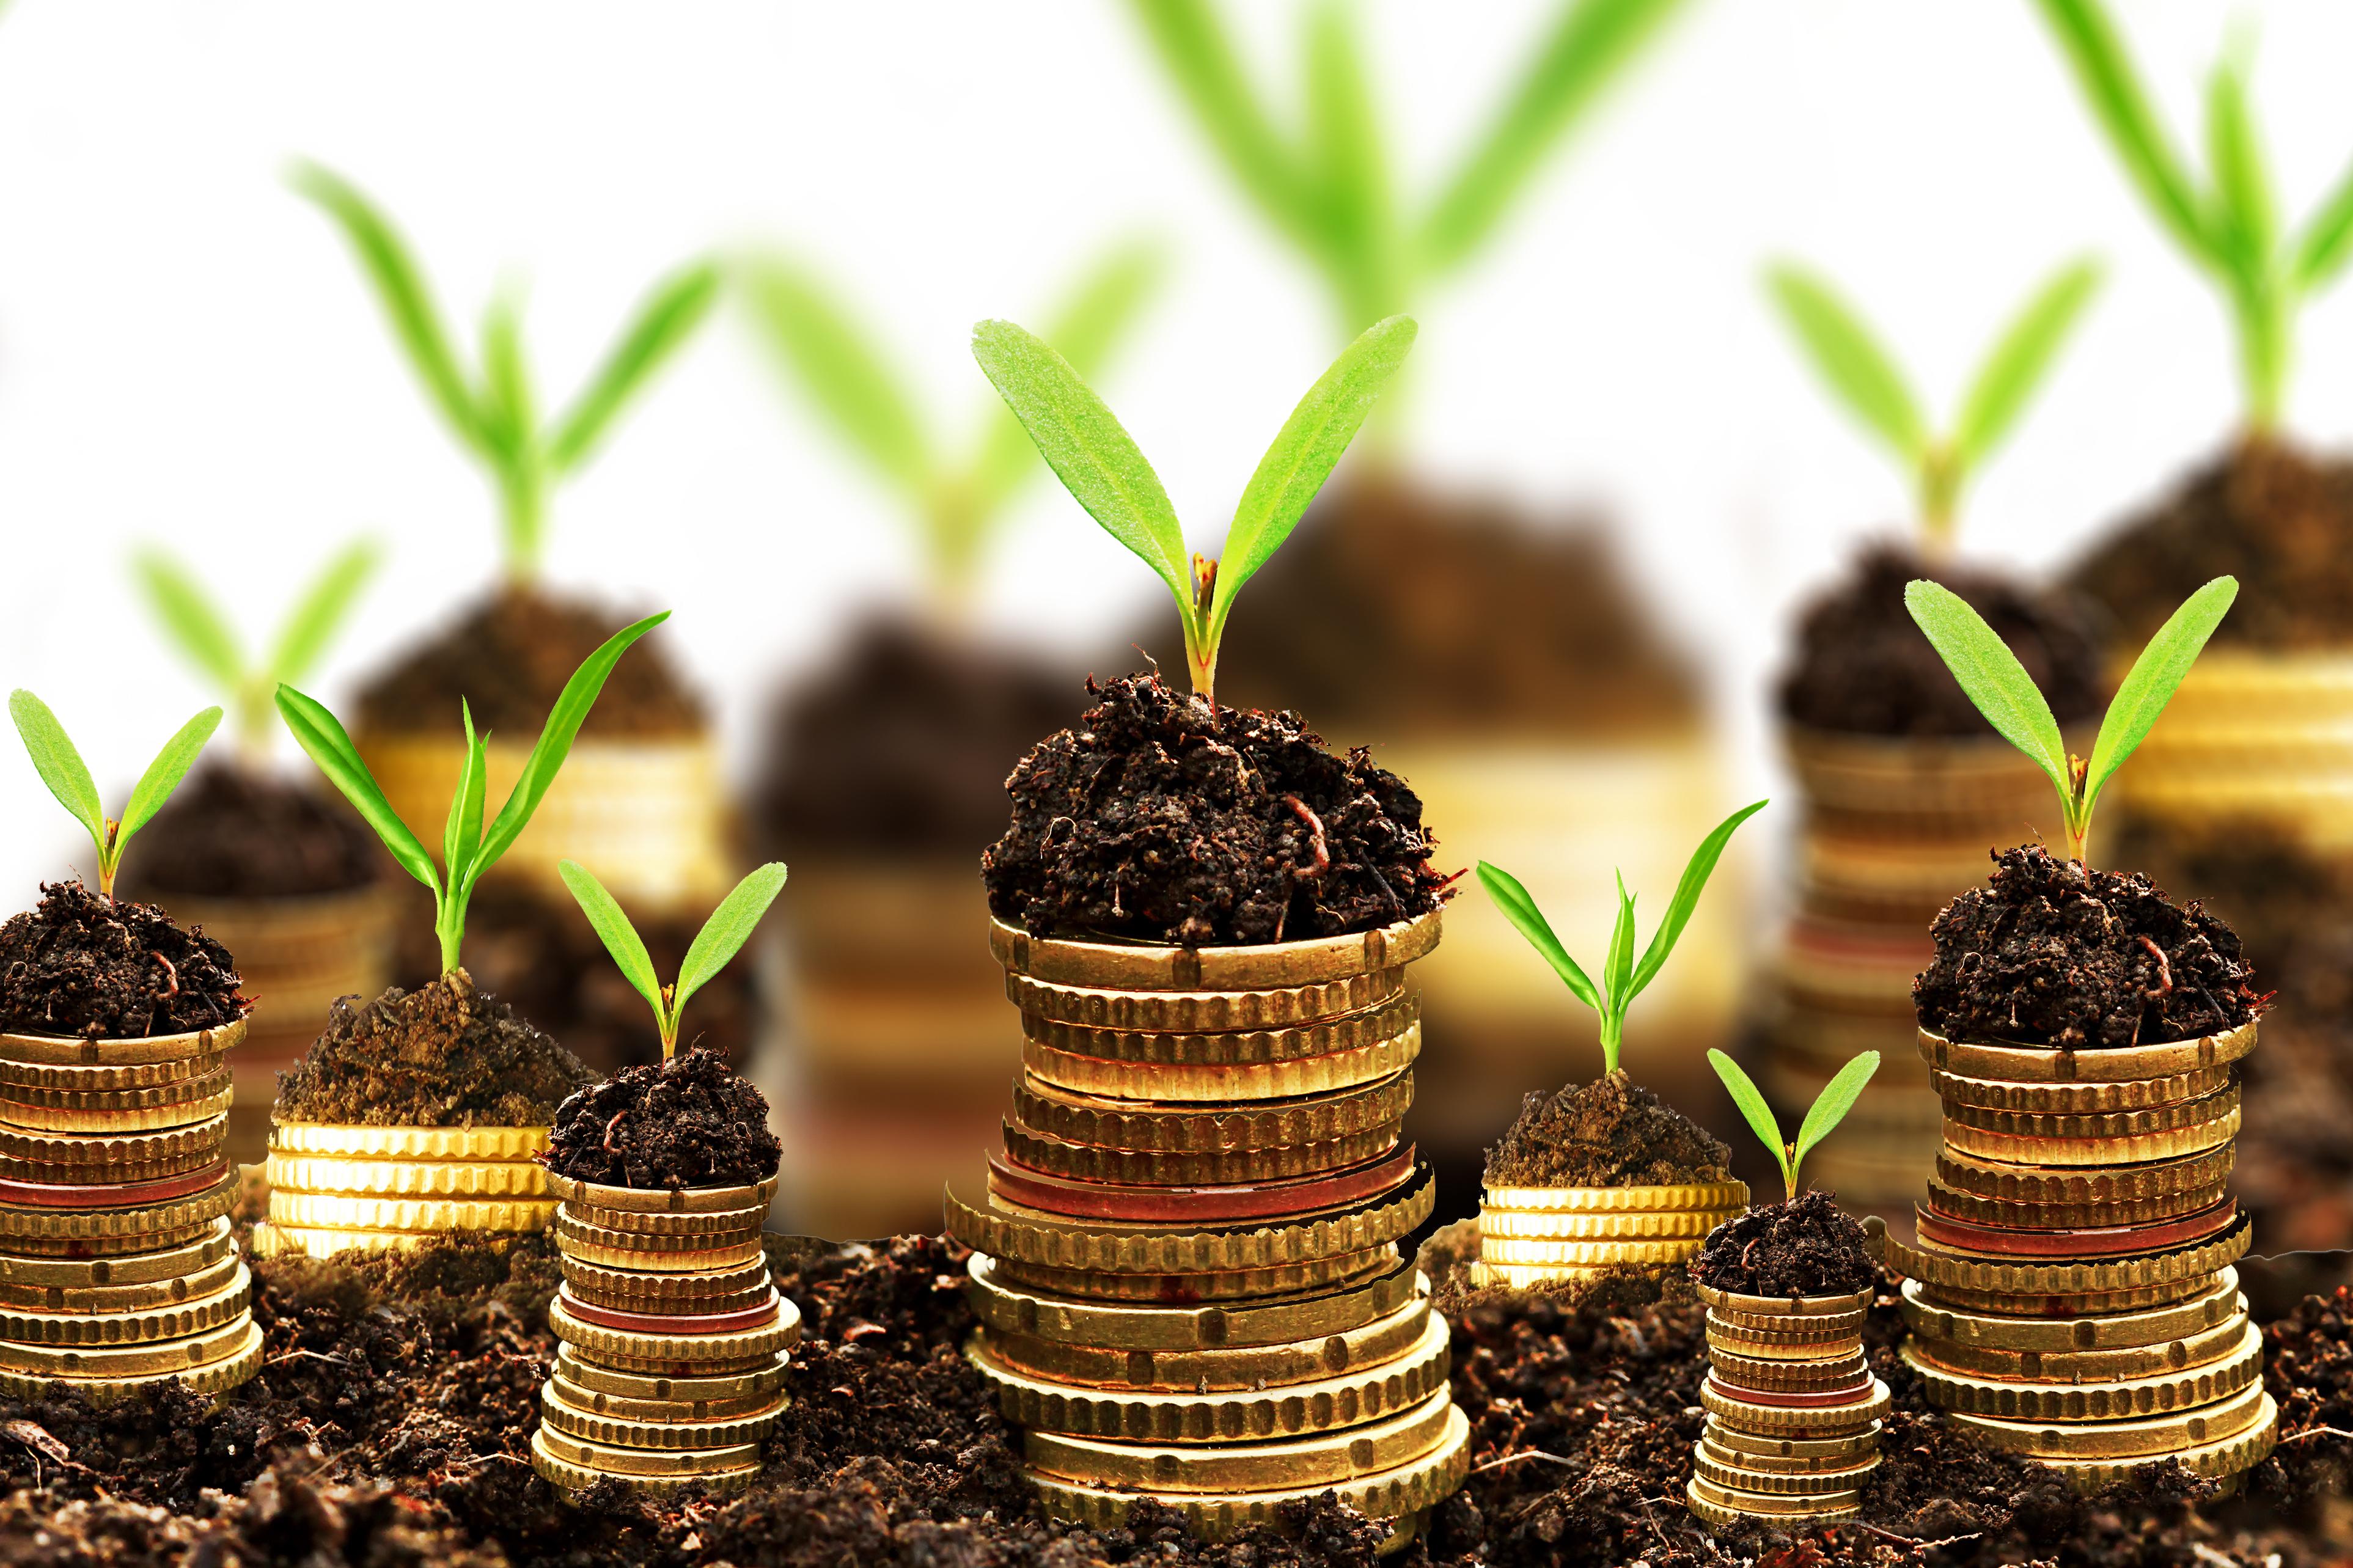 кредит в россельхозбанке условия в 2020 году процентная ставка калькулятор для пенсионеров